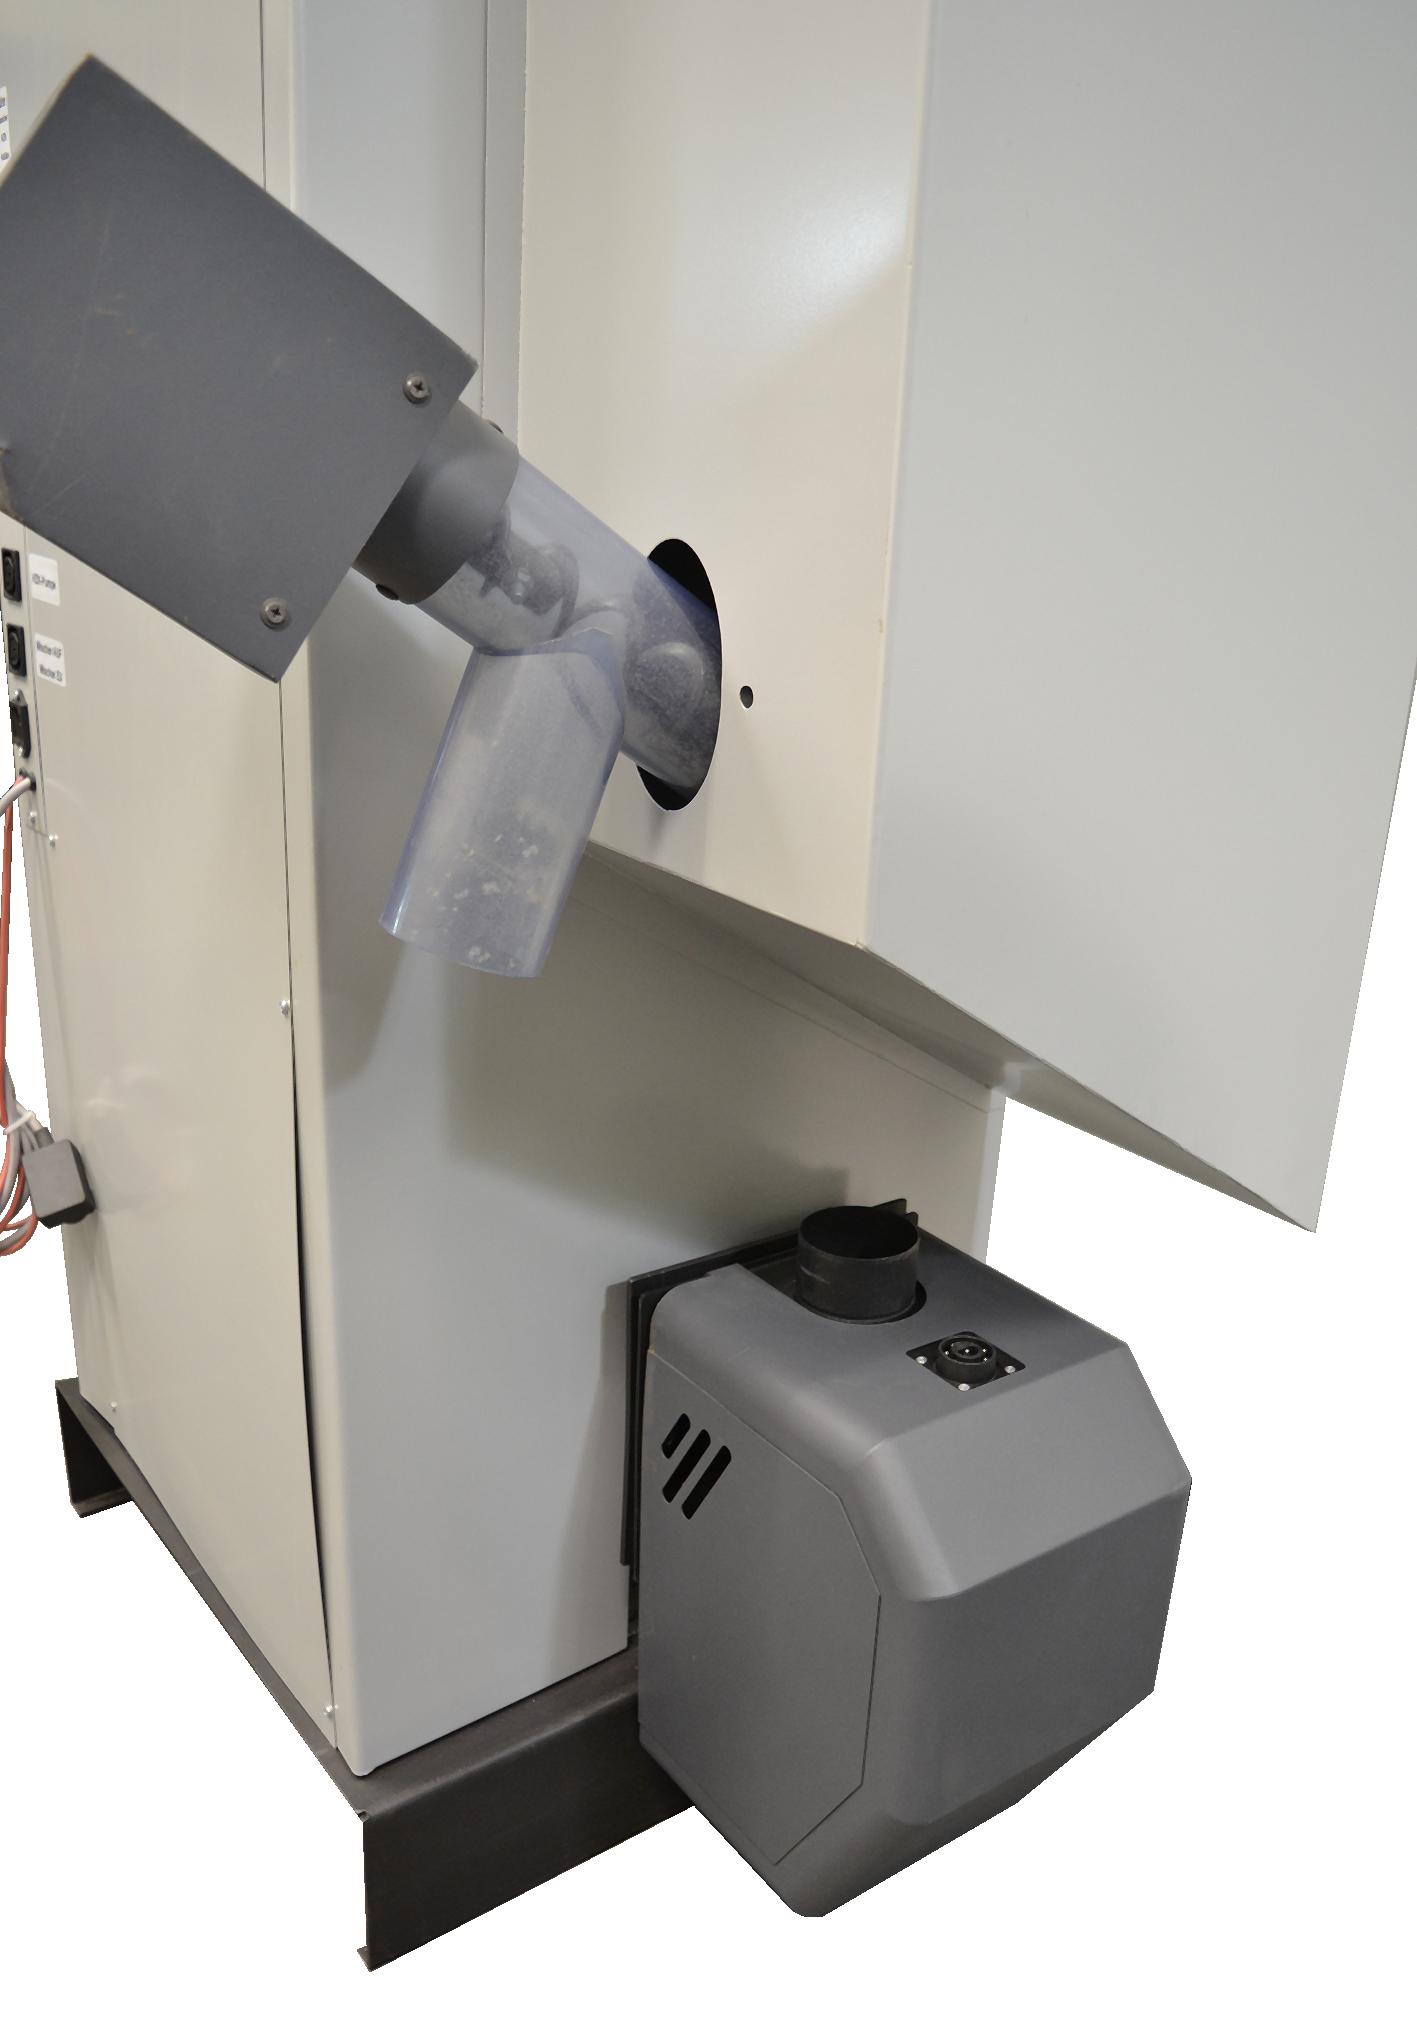 Beim RSP in der S Versiopn ist das Saugsystem, die Förderschnecke und die Saugsonde gleich mit dabei.